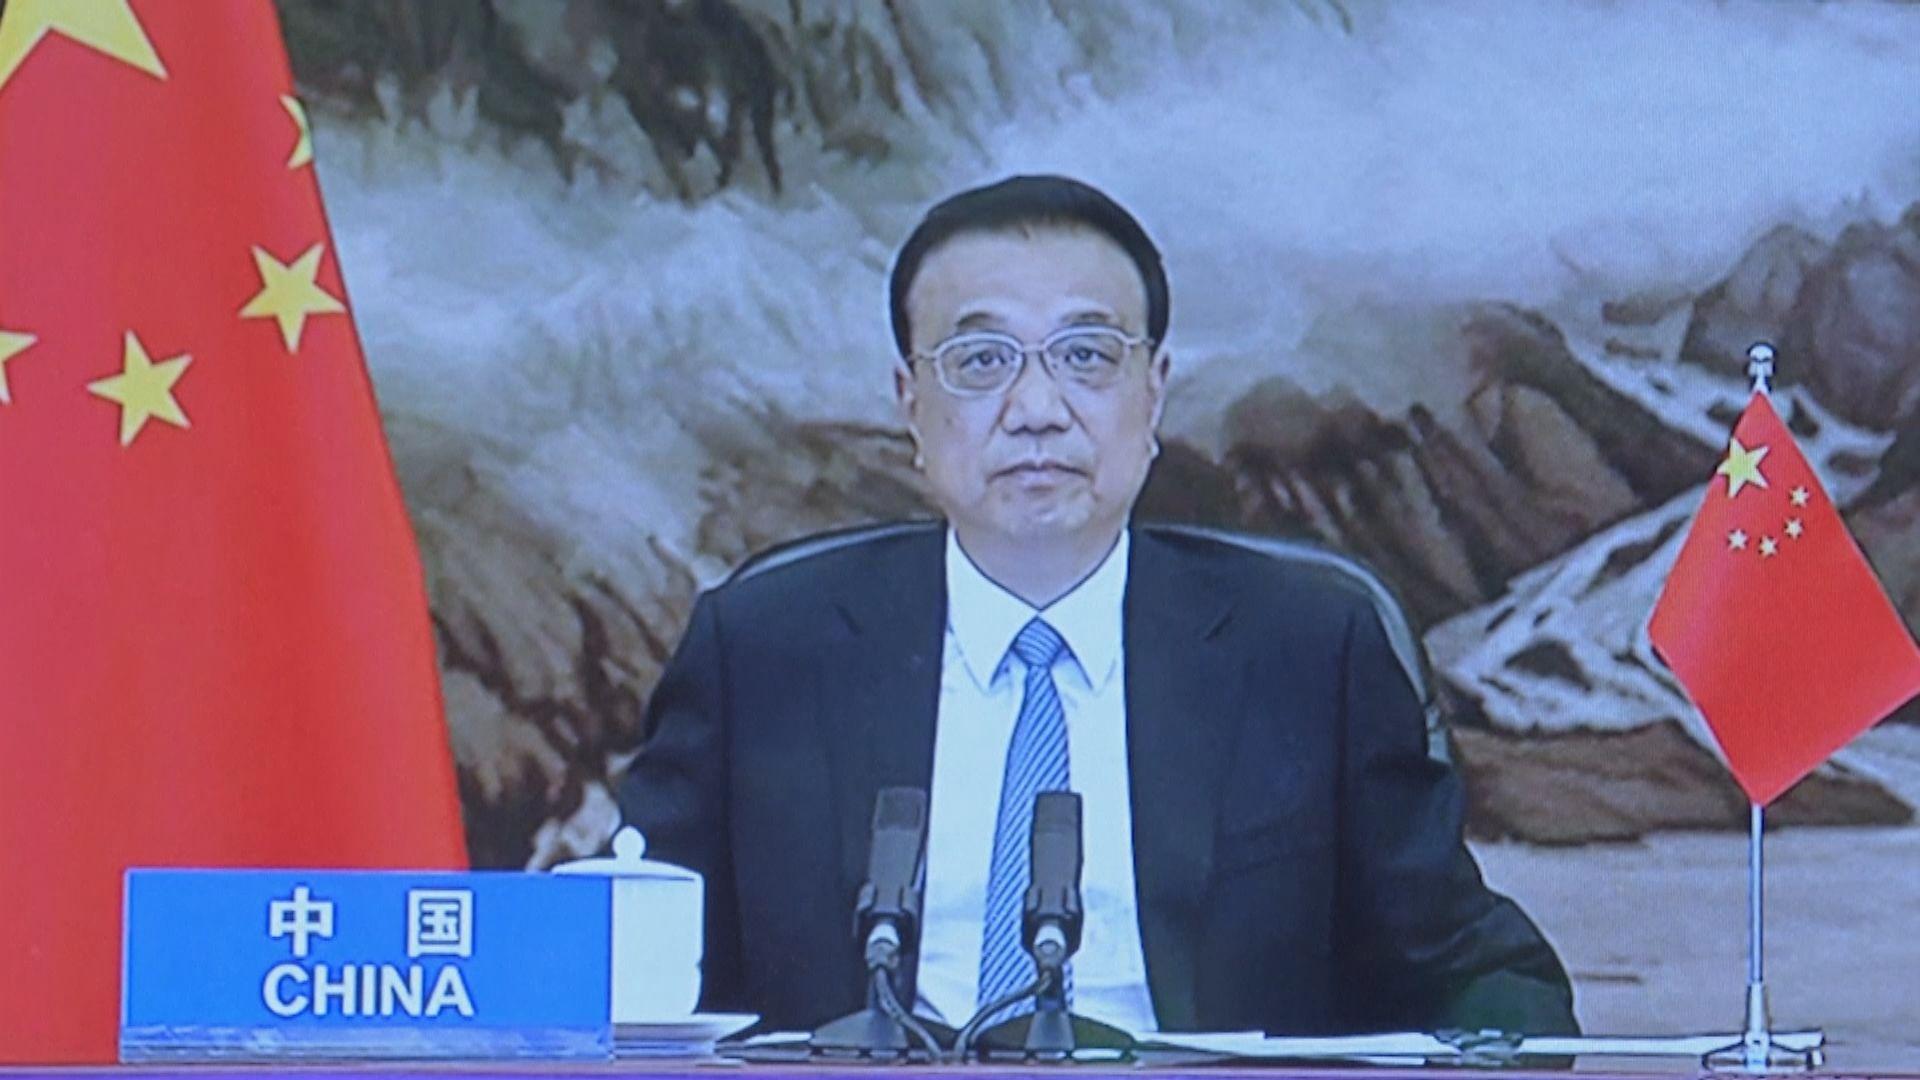 李克強指中國東盟應繼續協商化解分歧